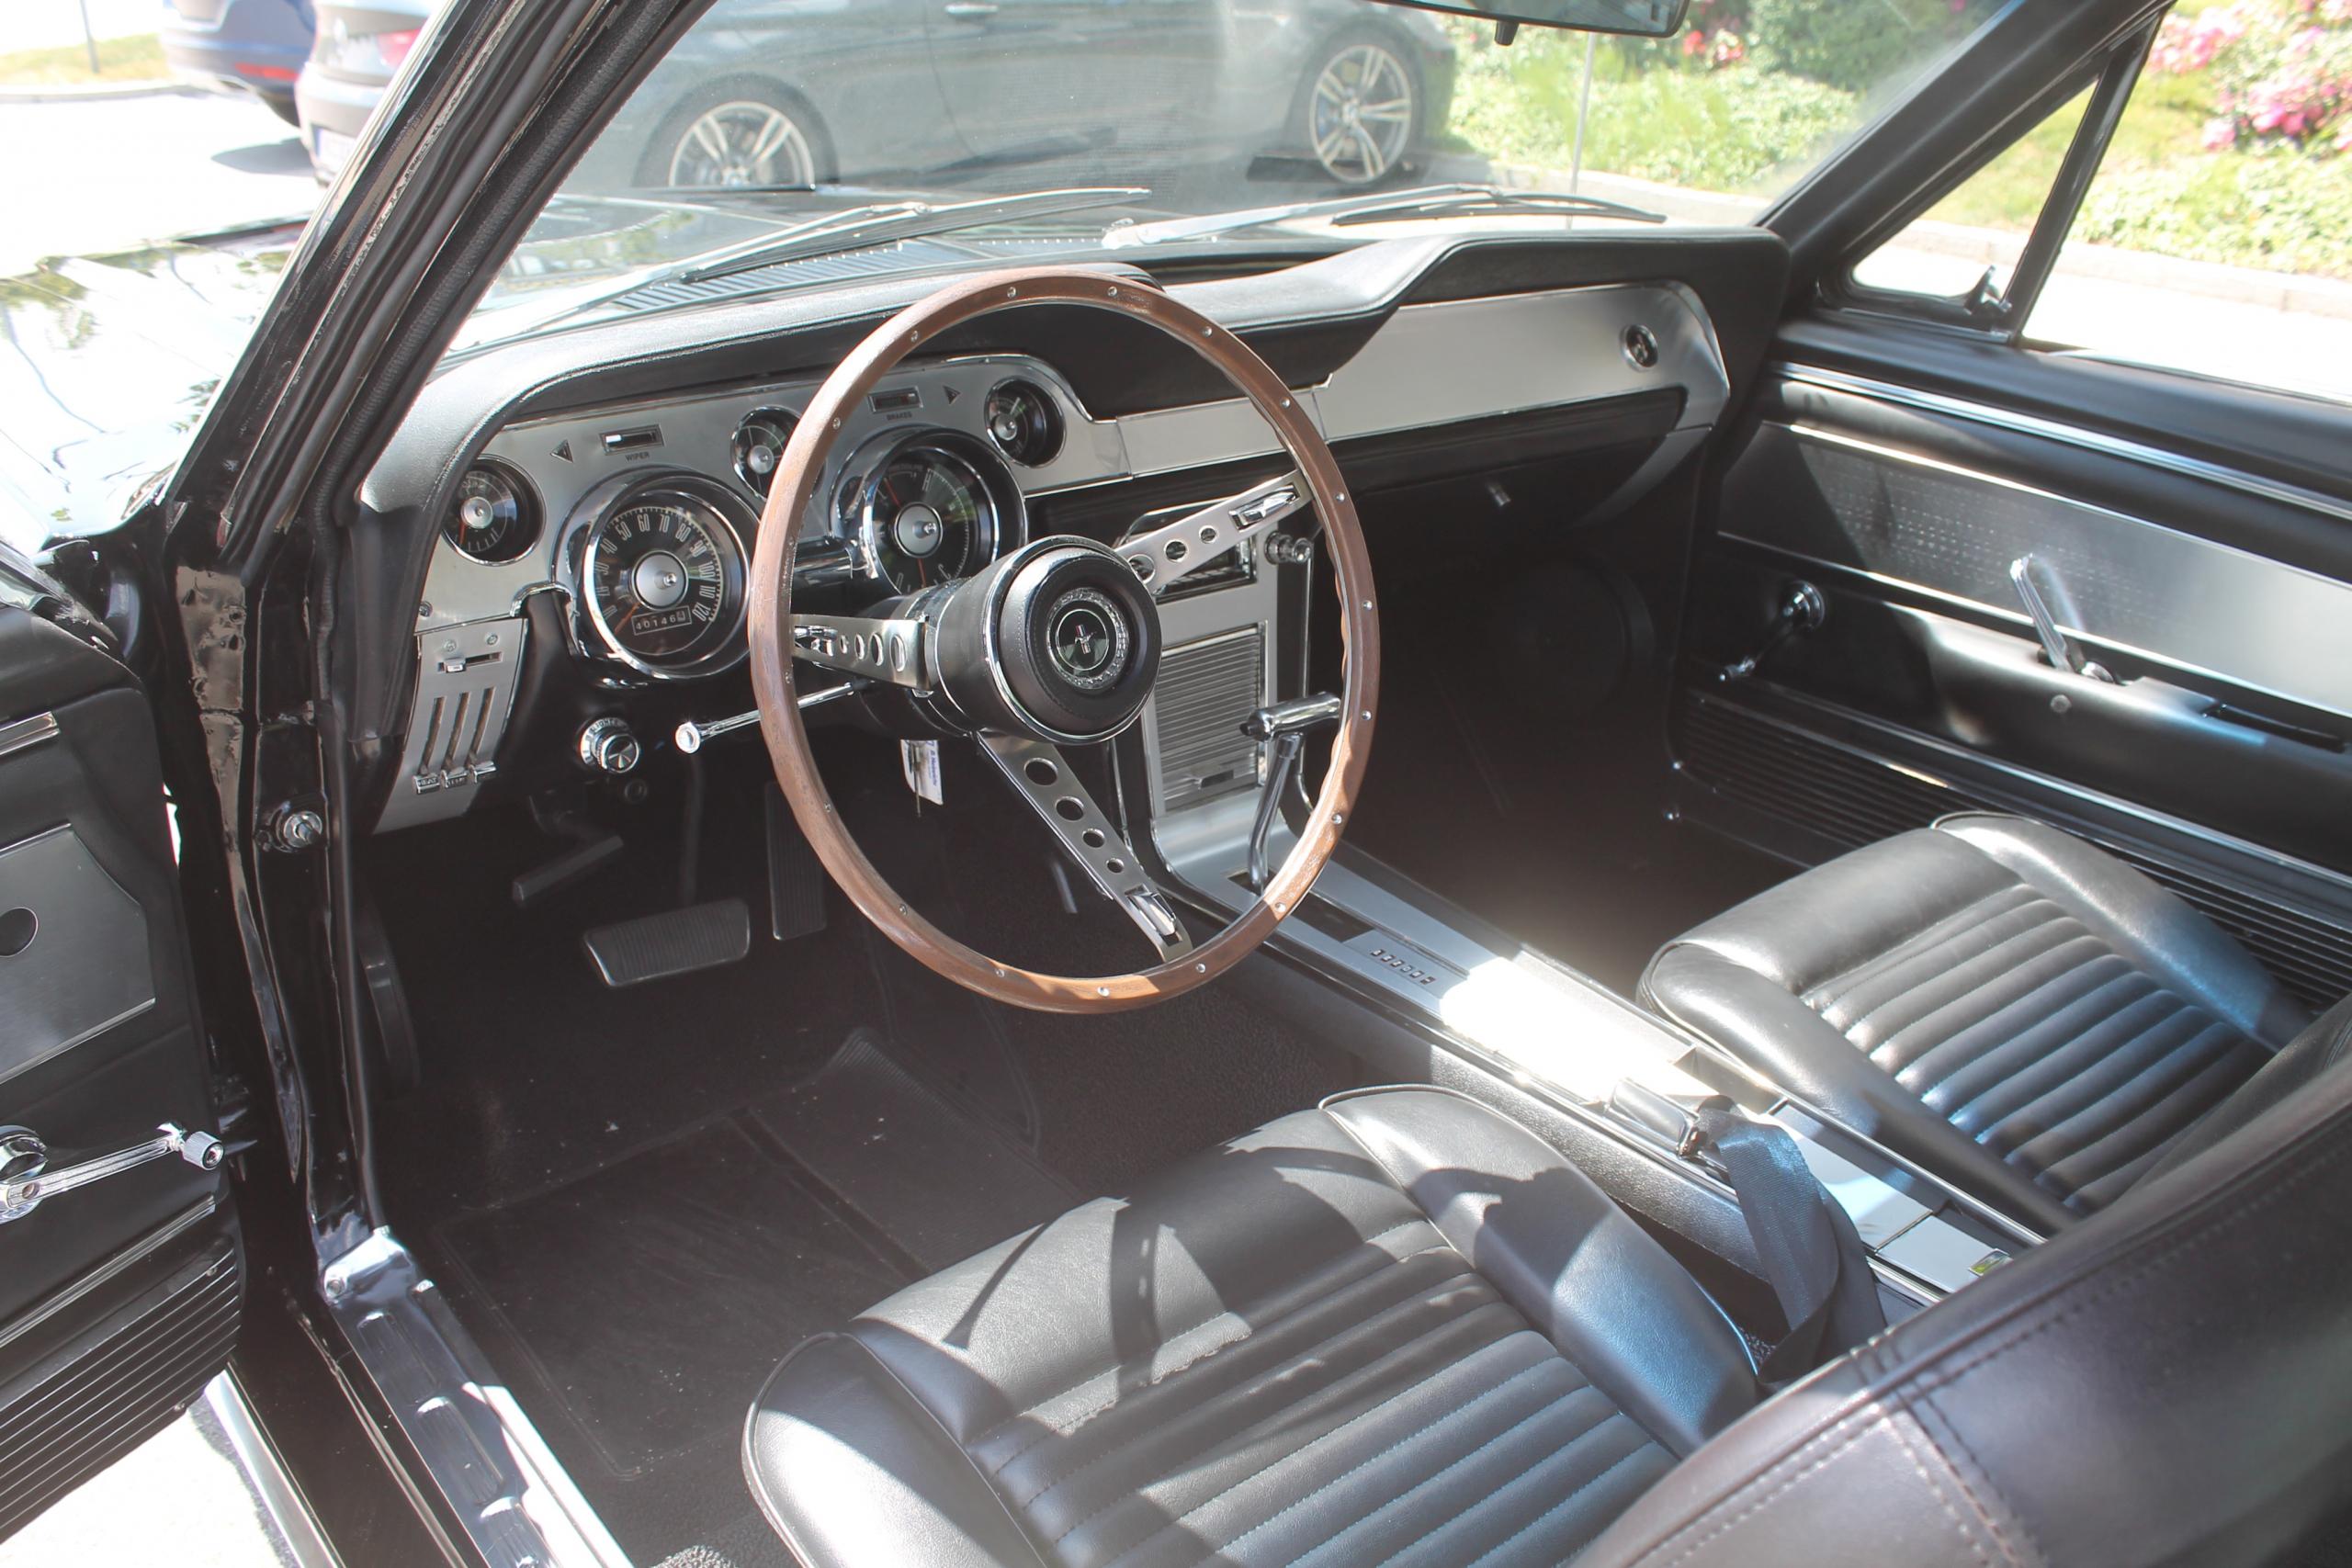 Deluxe Innenraum fastback Bavariasportscars 67 Mustang